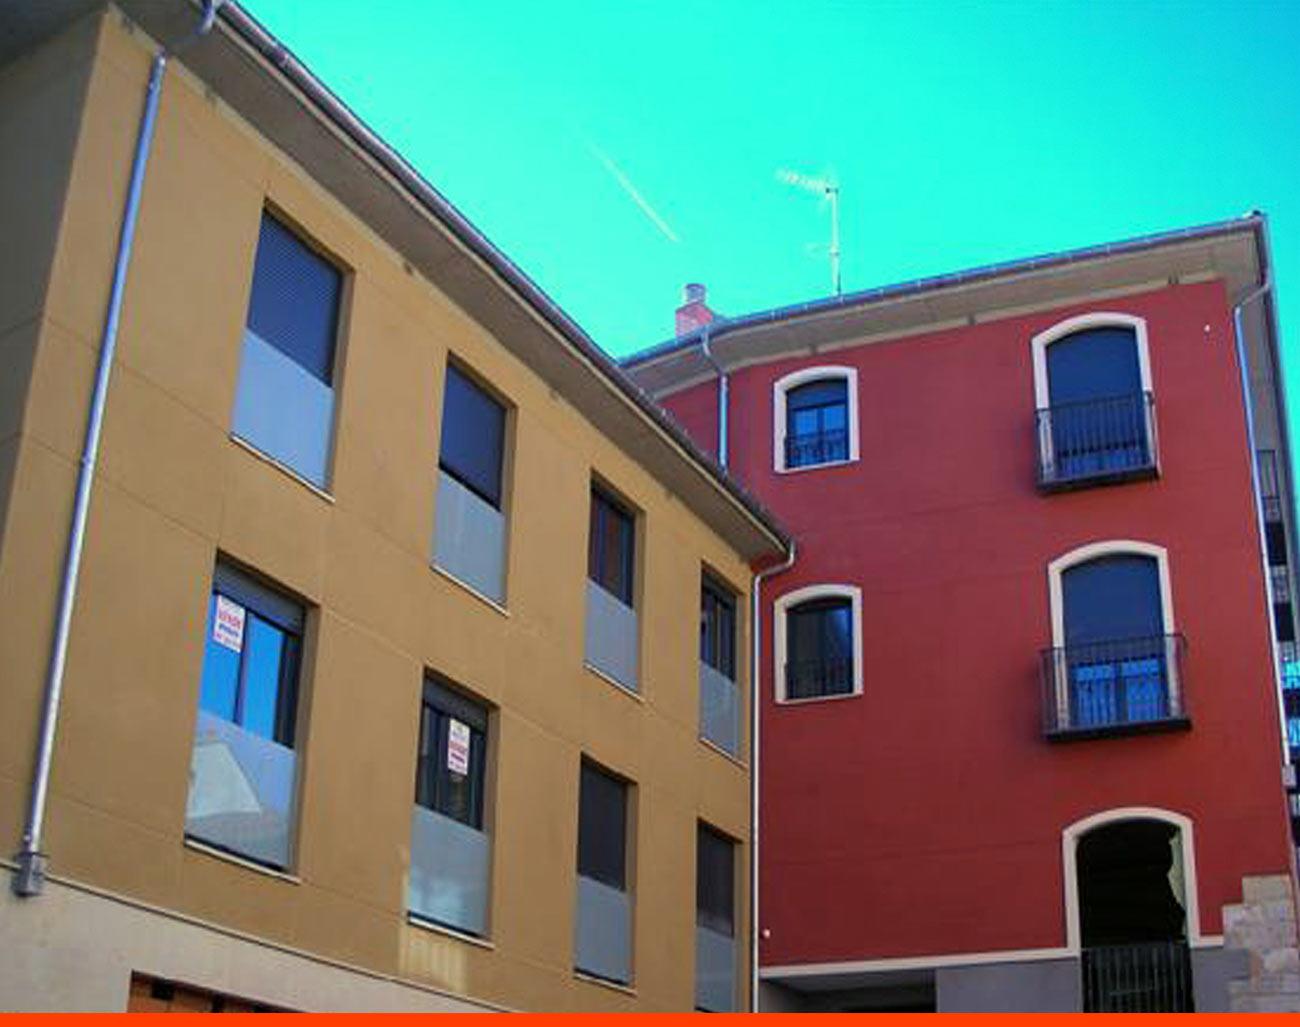 11+15 Viviendas, locales, garajes y trasteros. Carbajalas (León)